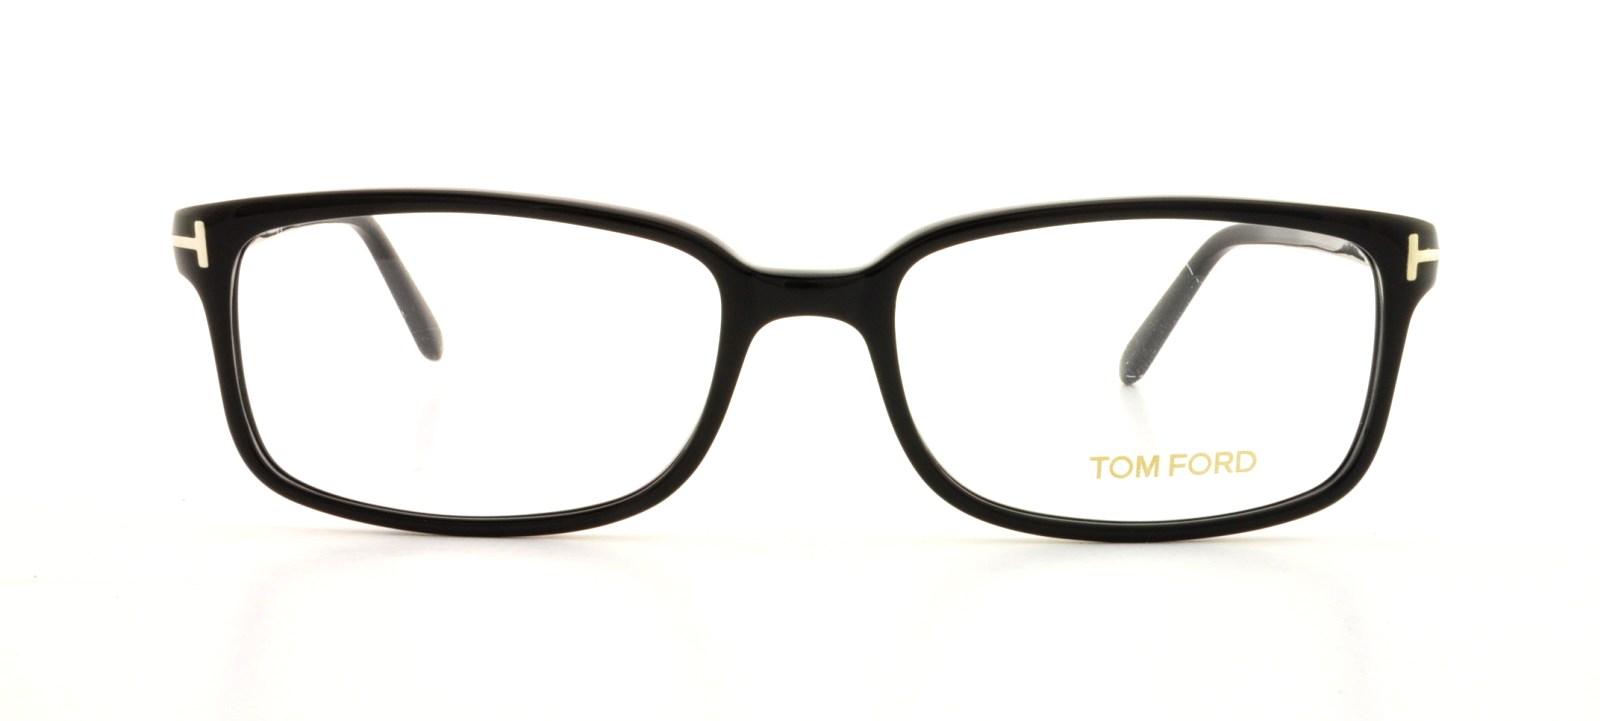 932515dd62158 Designer Frames Outlet. Tom Ford FT5209